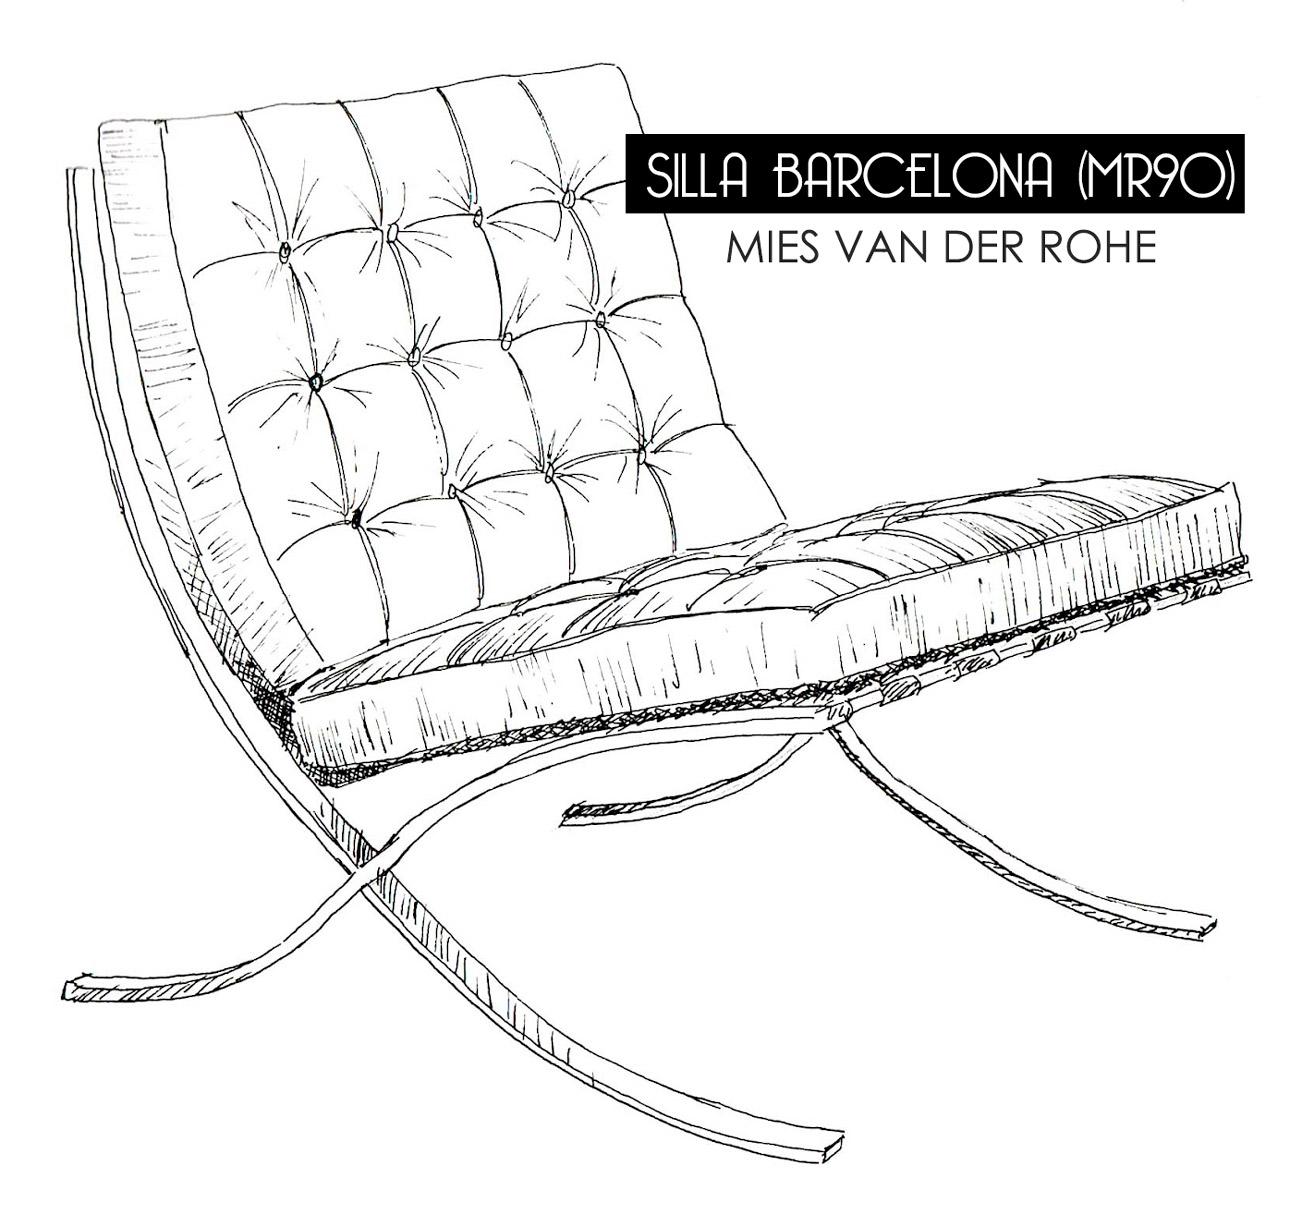 Muebles fetiche que no pasan de moda la silla barcelona de mies van der rohe blog de muebles - Silla barcelona mies van der rohe ...